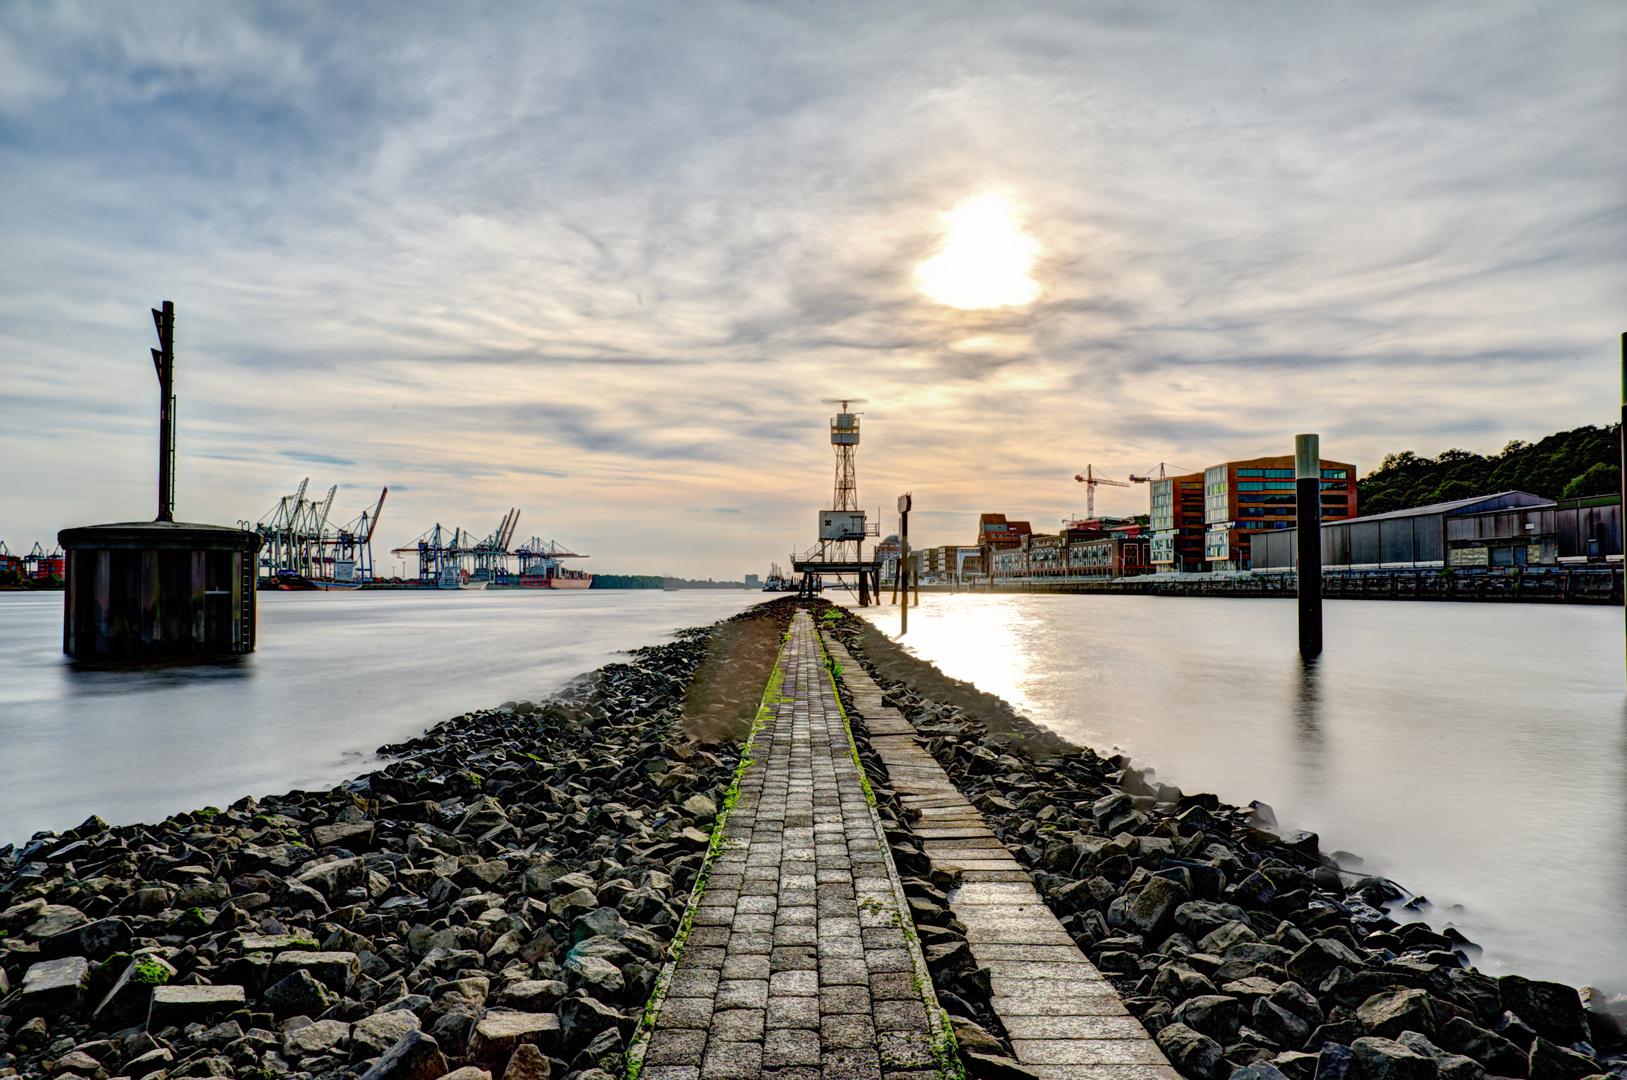 Dockland Elbradar auf Kai, Hamburg, HDR